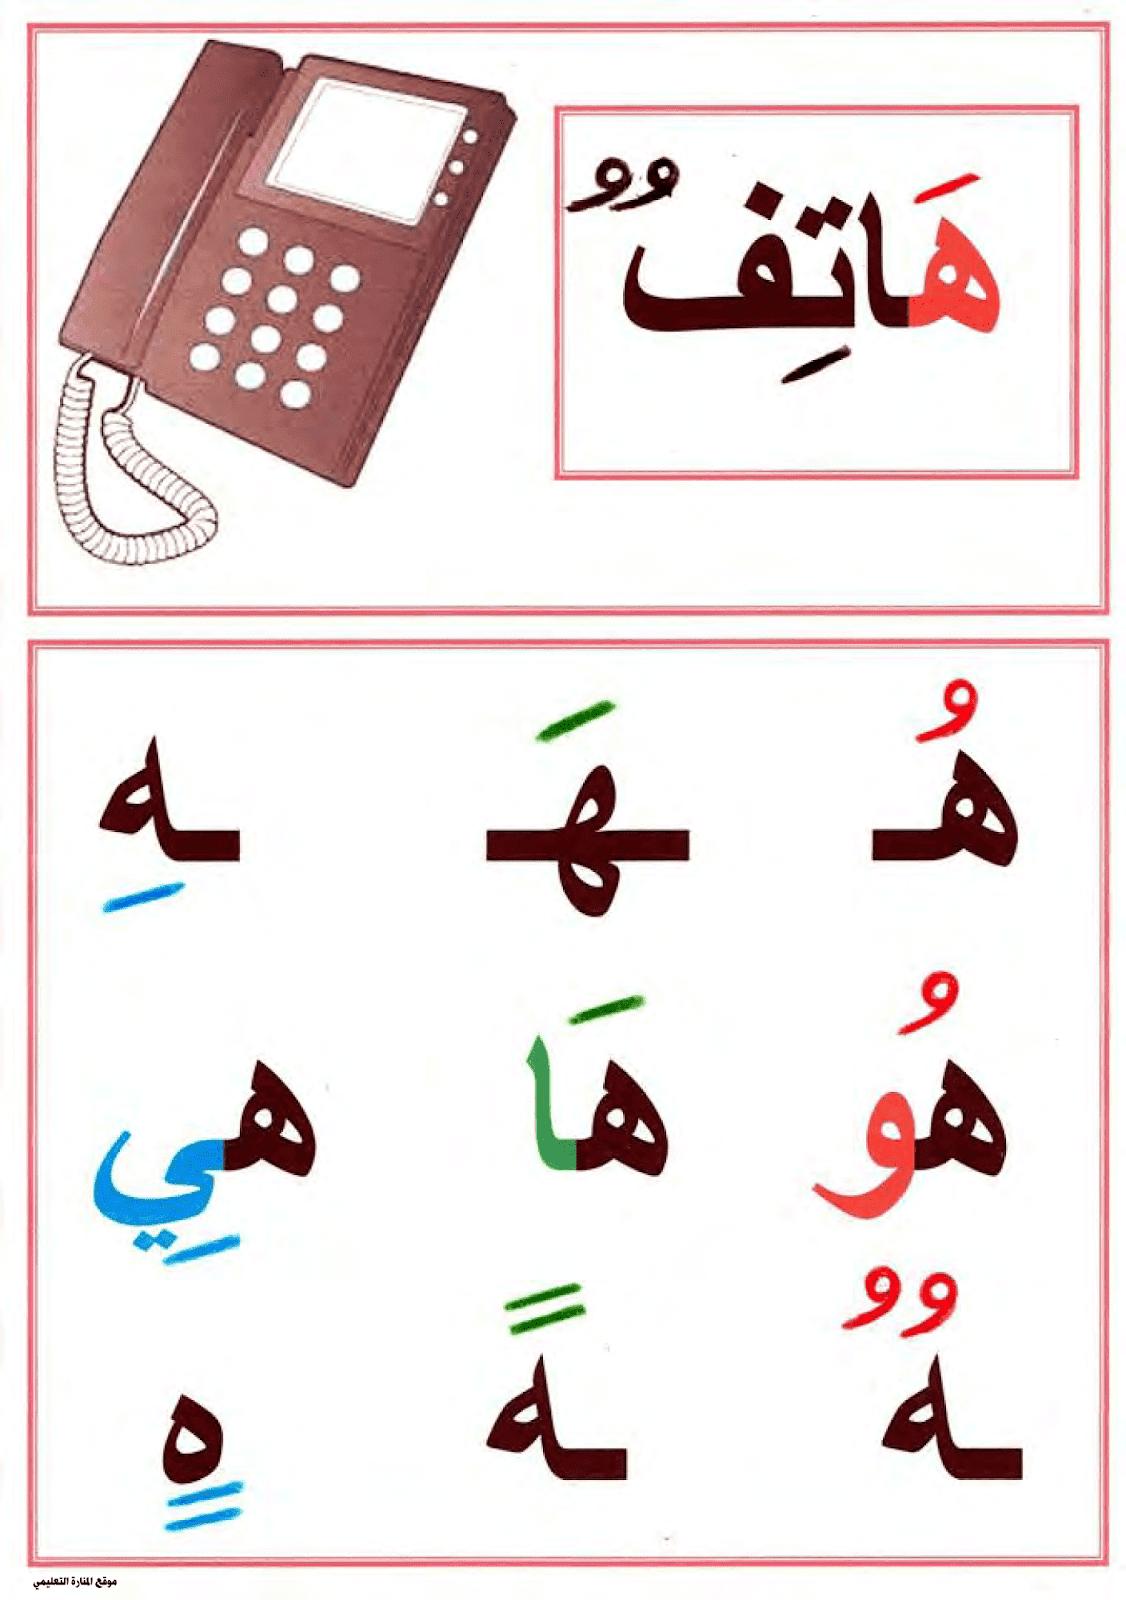 معلقات تزيين القسم صور الحروف الابجدية العربية للطور الاول ابتدائي Arabic Alphabet For Kids Arabic Alphabet Letters Alphabet For Kids